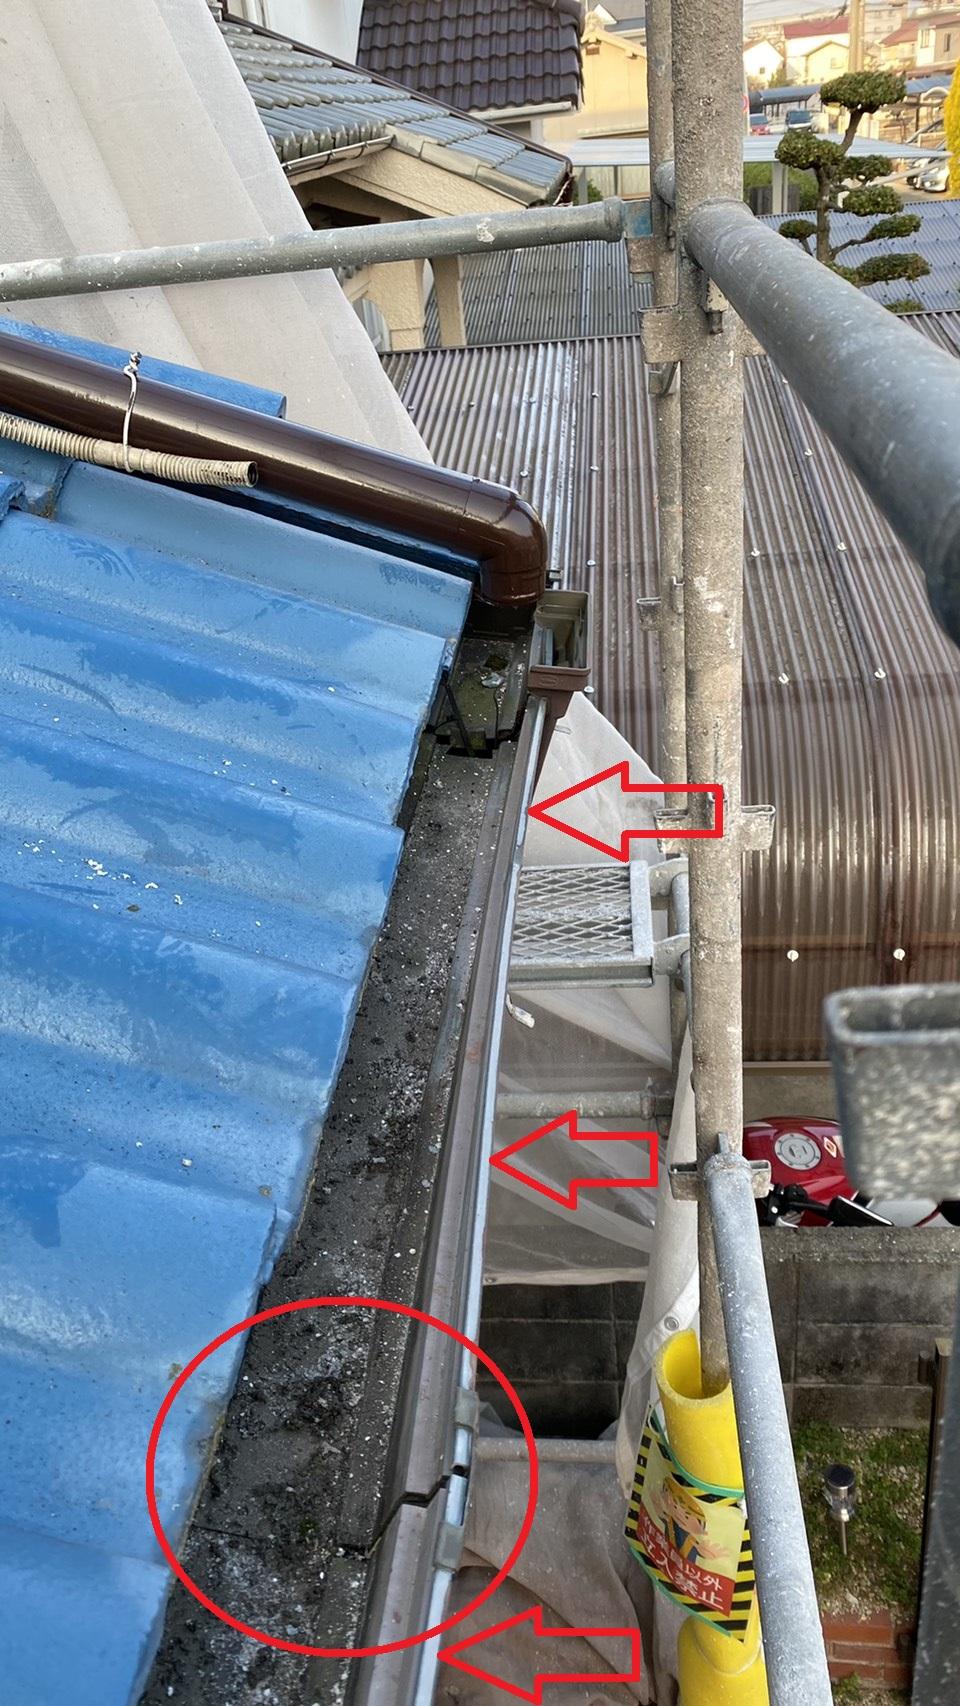 三木市で修理が必要となった水漏れしている雨樋の様子